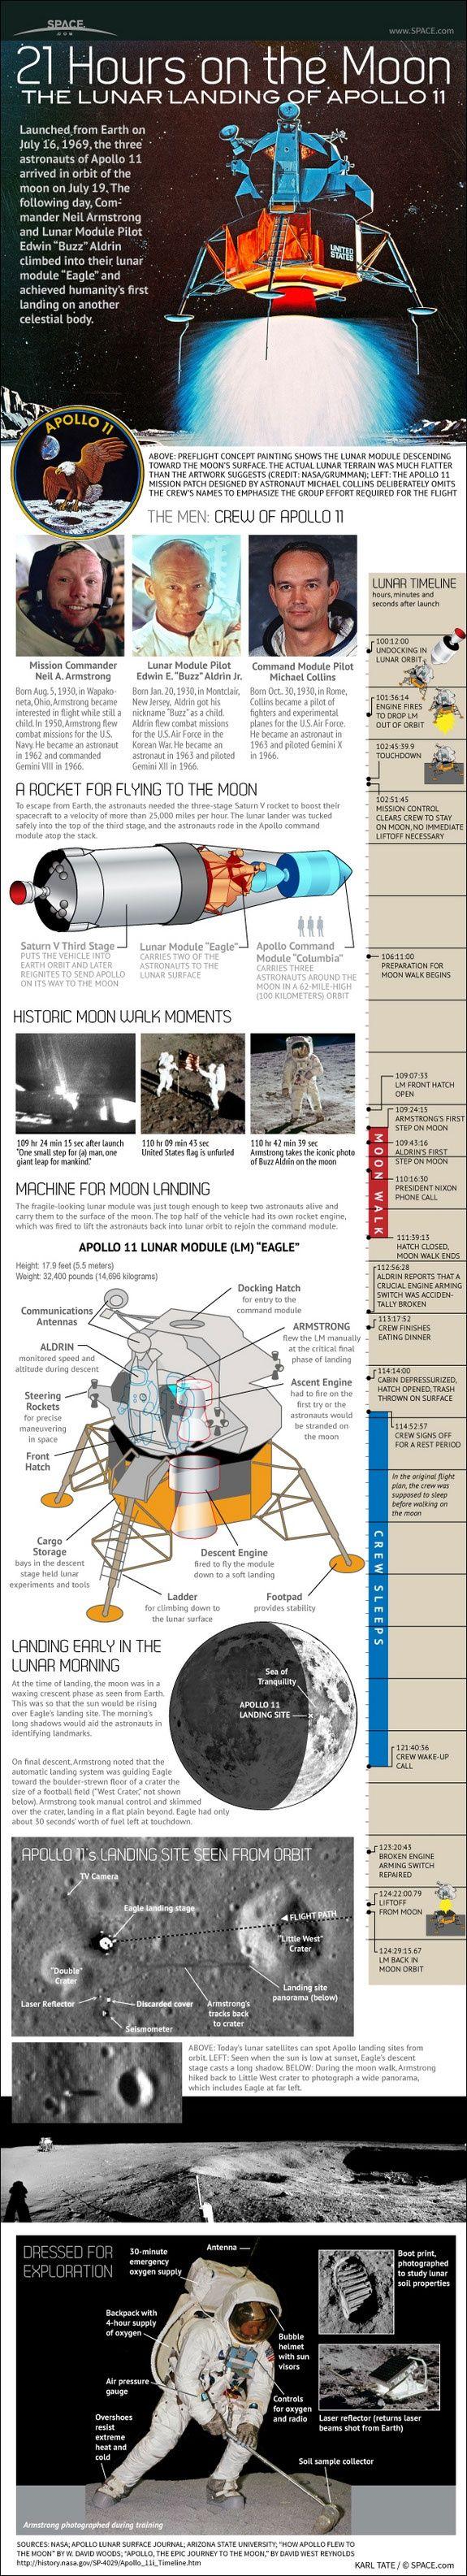 apollo 11 moon landing an interactive space exploration adventure - photo #28